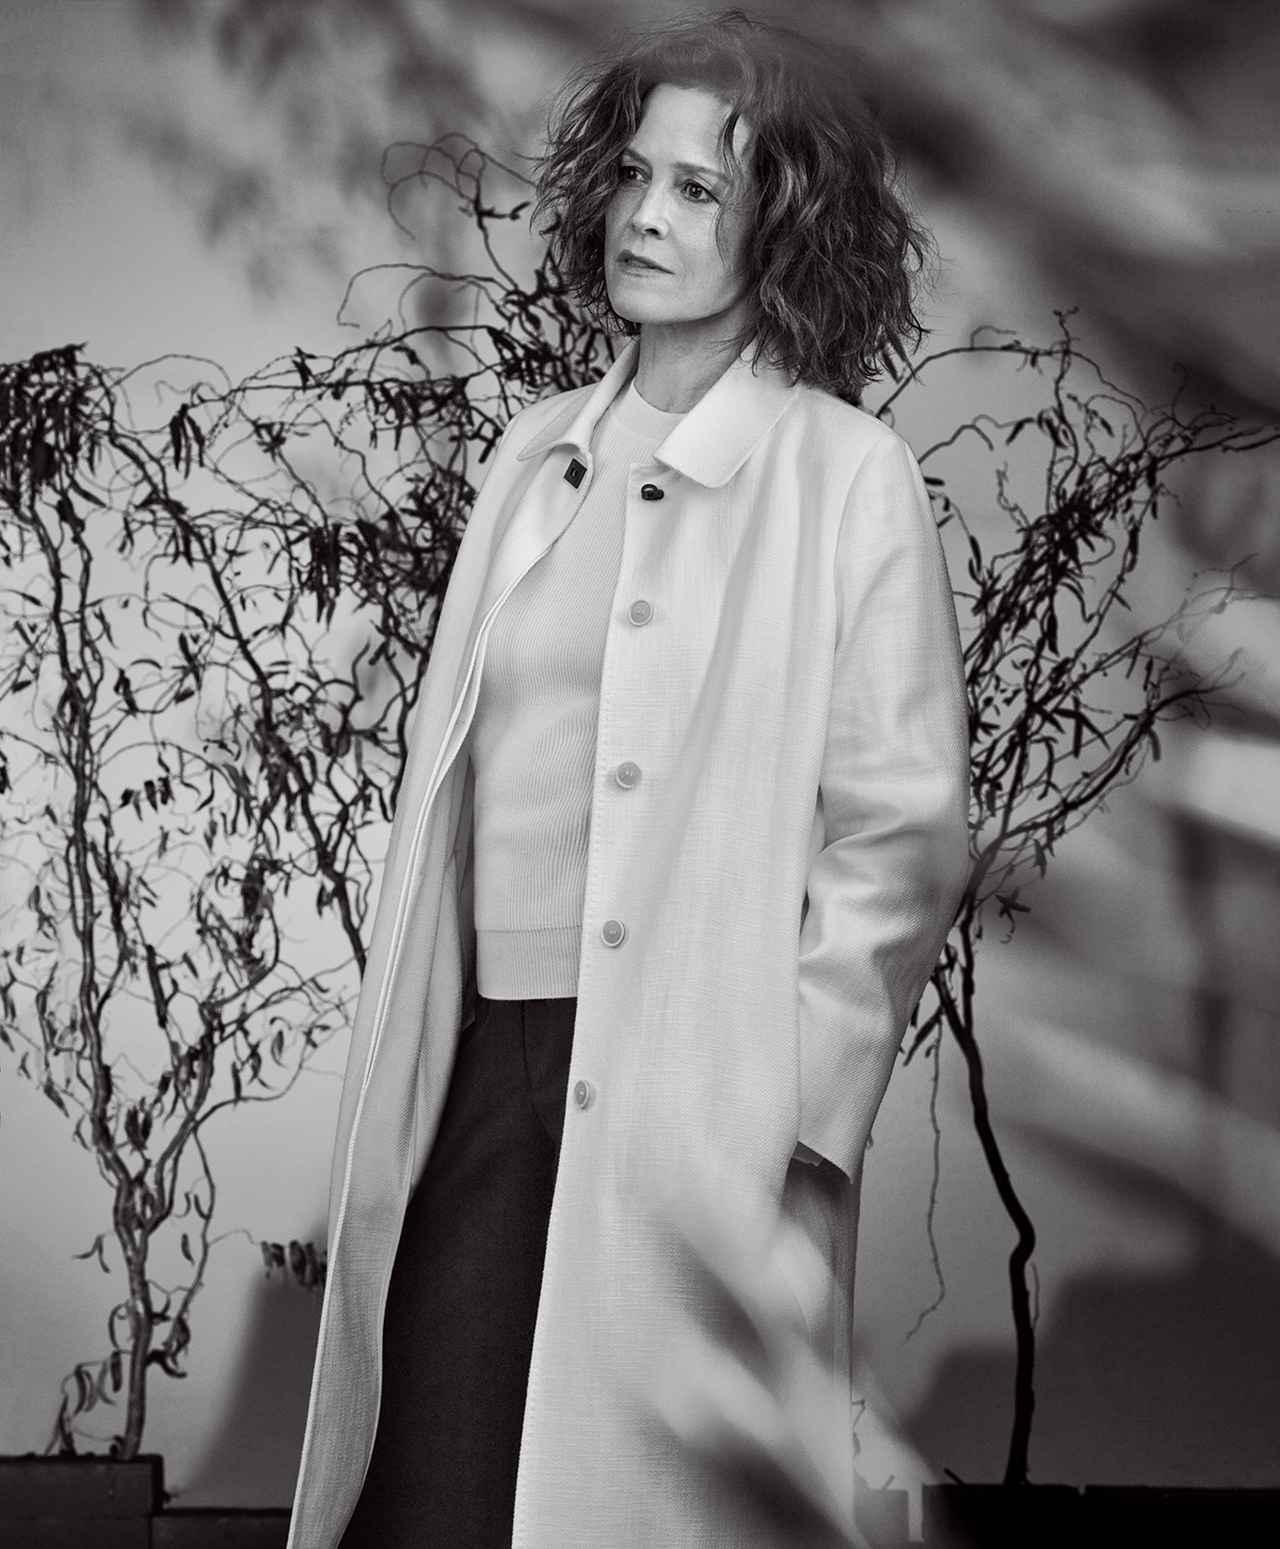 Images : 2番目の画像 - 「シガニー・ウィーバーは 前へ進み続ける」のアルバム - T JAPAN:The New York Times Style Magazine 公式サイト